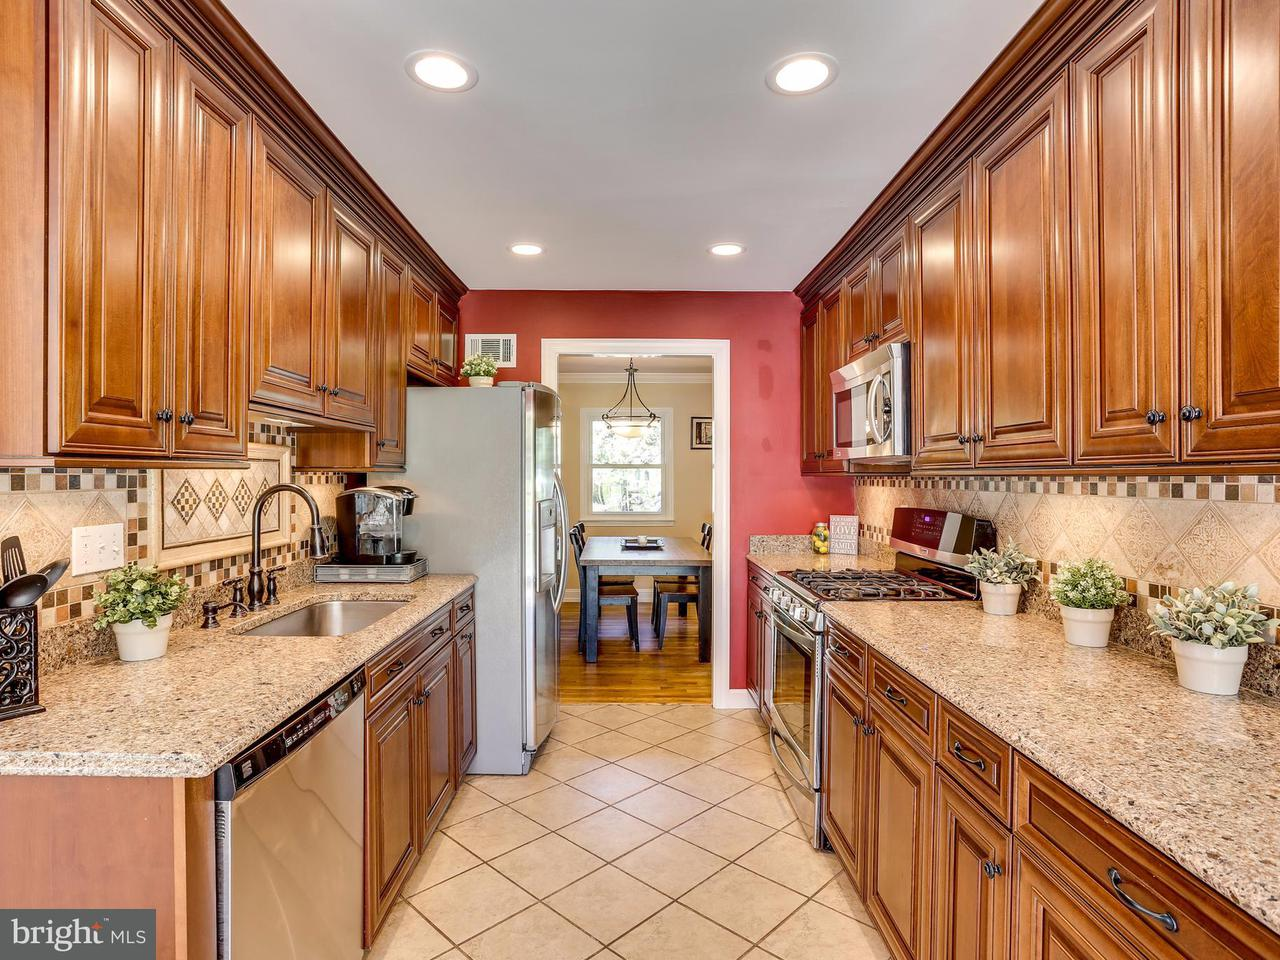 Maison unifamiliale pour l Vente à 16716 FRONTENAC TER 16716 FRONTENAC TER Derwood, Maryland 20855 États-Unis